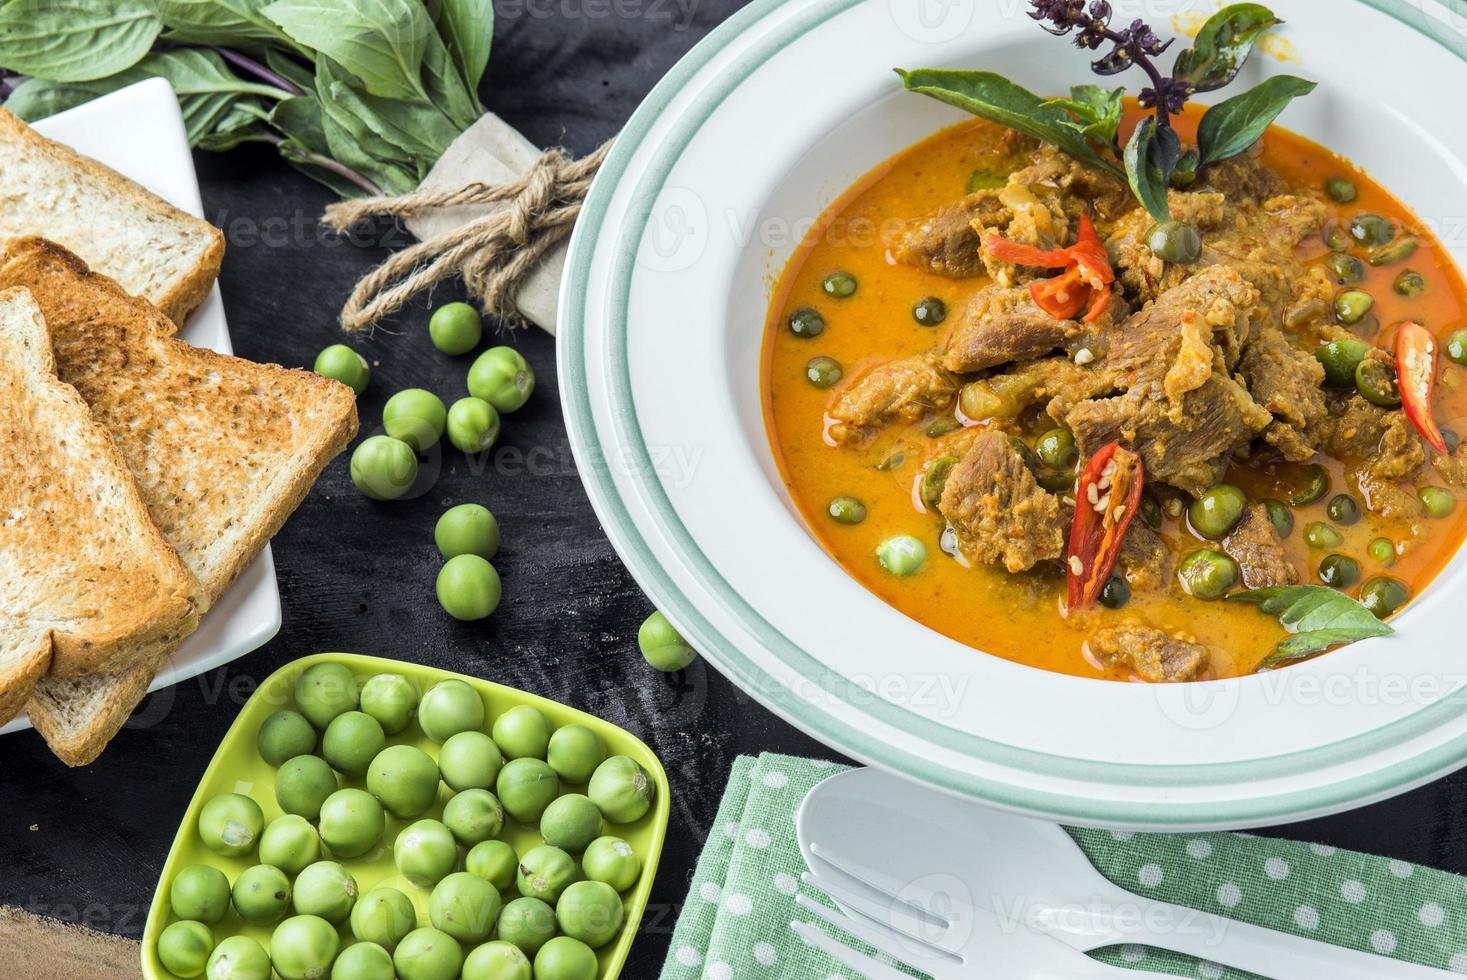 Aziatisch Thais eten - curry met varkensvlees foto